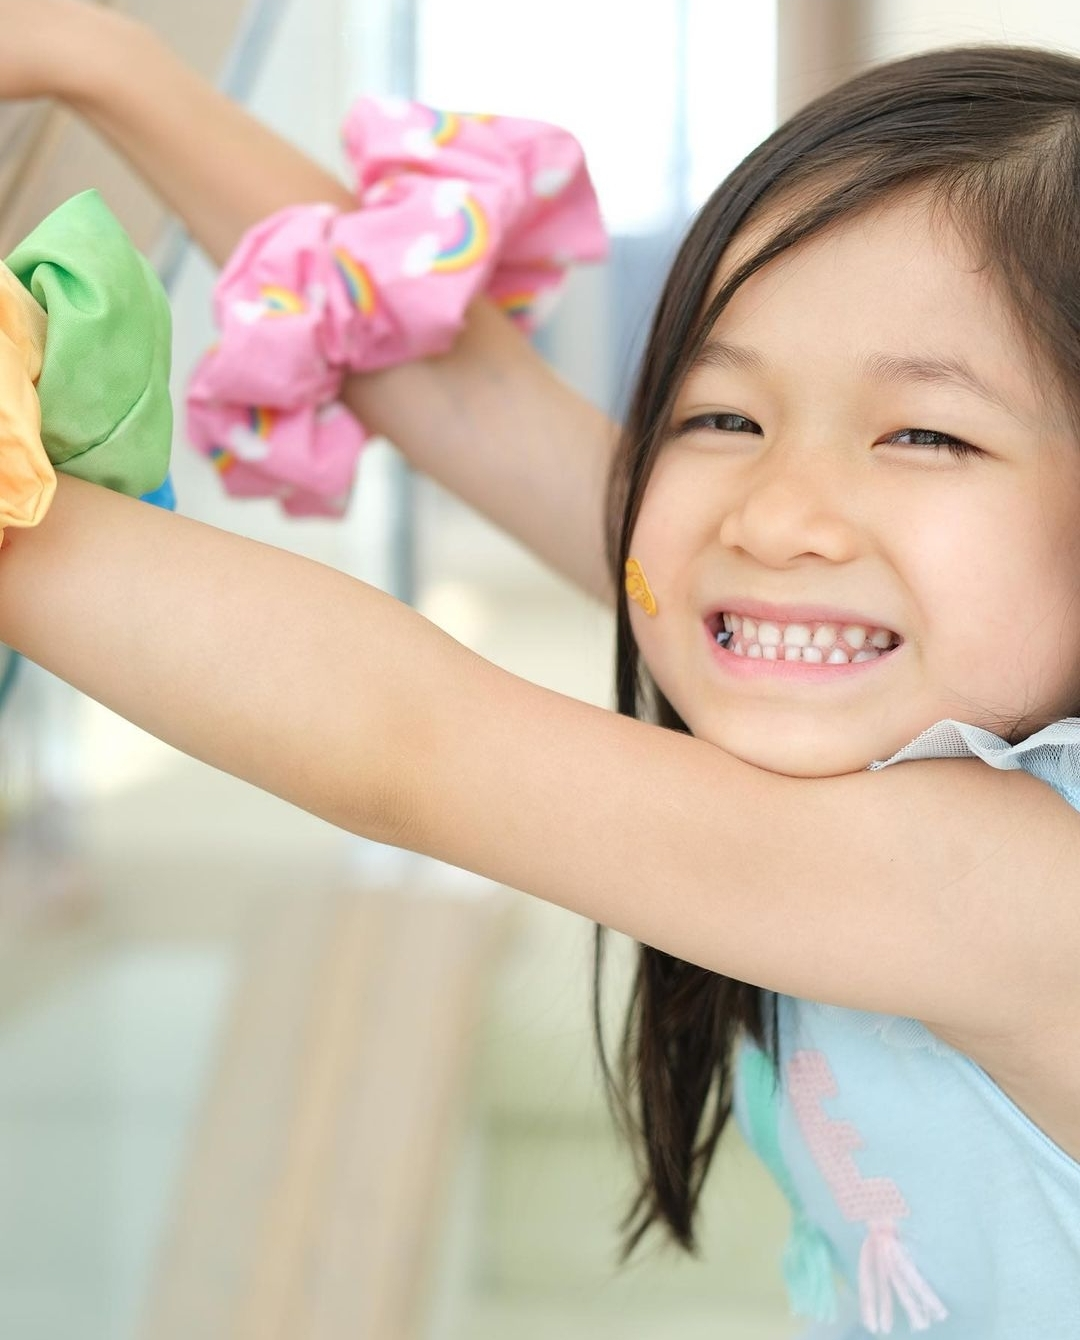 钟嘉欣为5岁女儿庆生,素颜出镜黑眼圈抢镜,Kelly紧搂妈妈萌态足